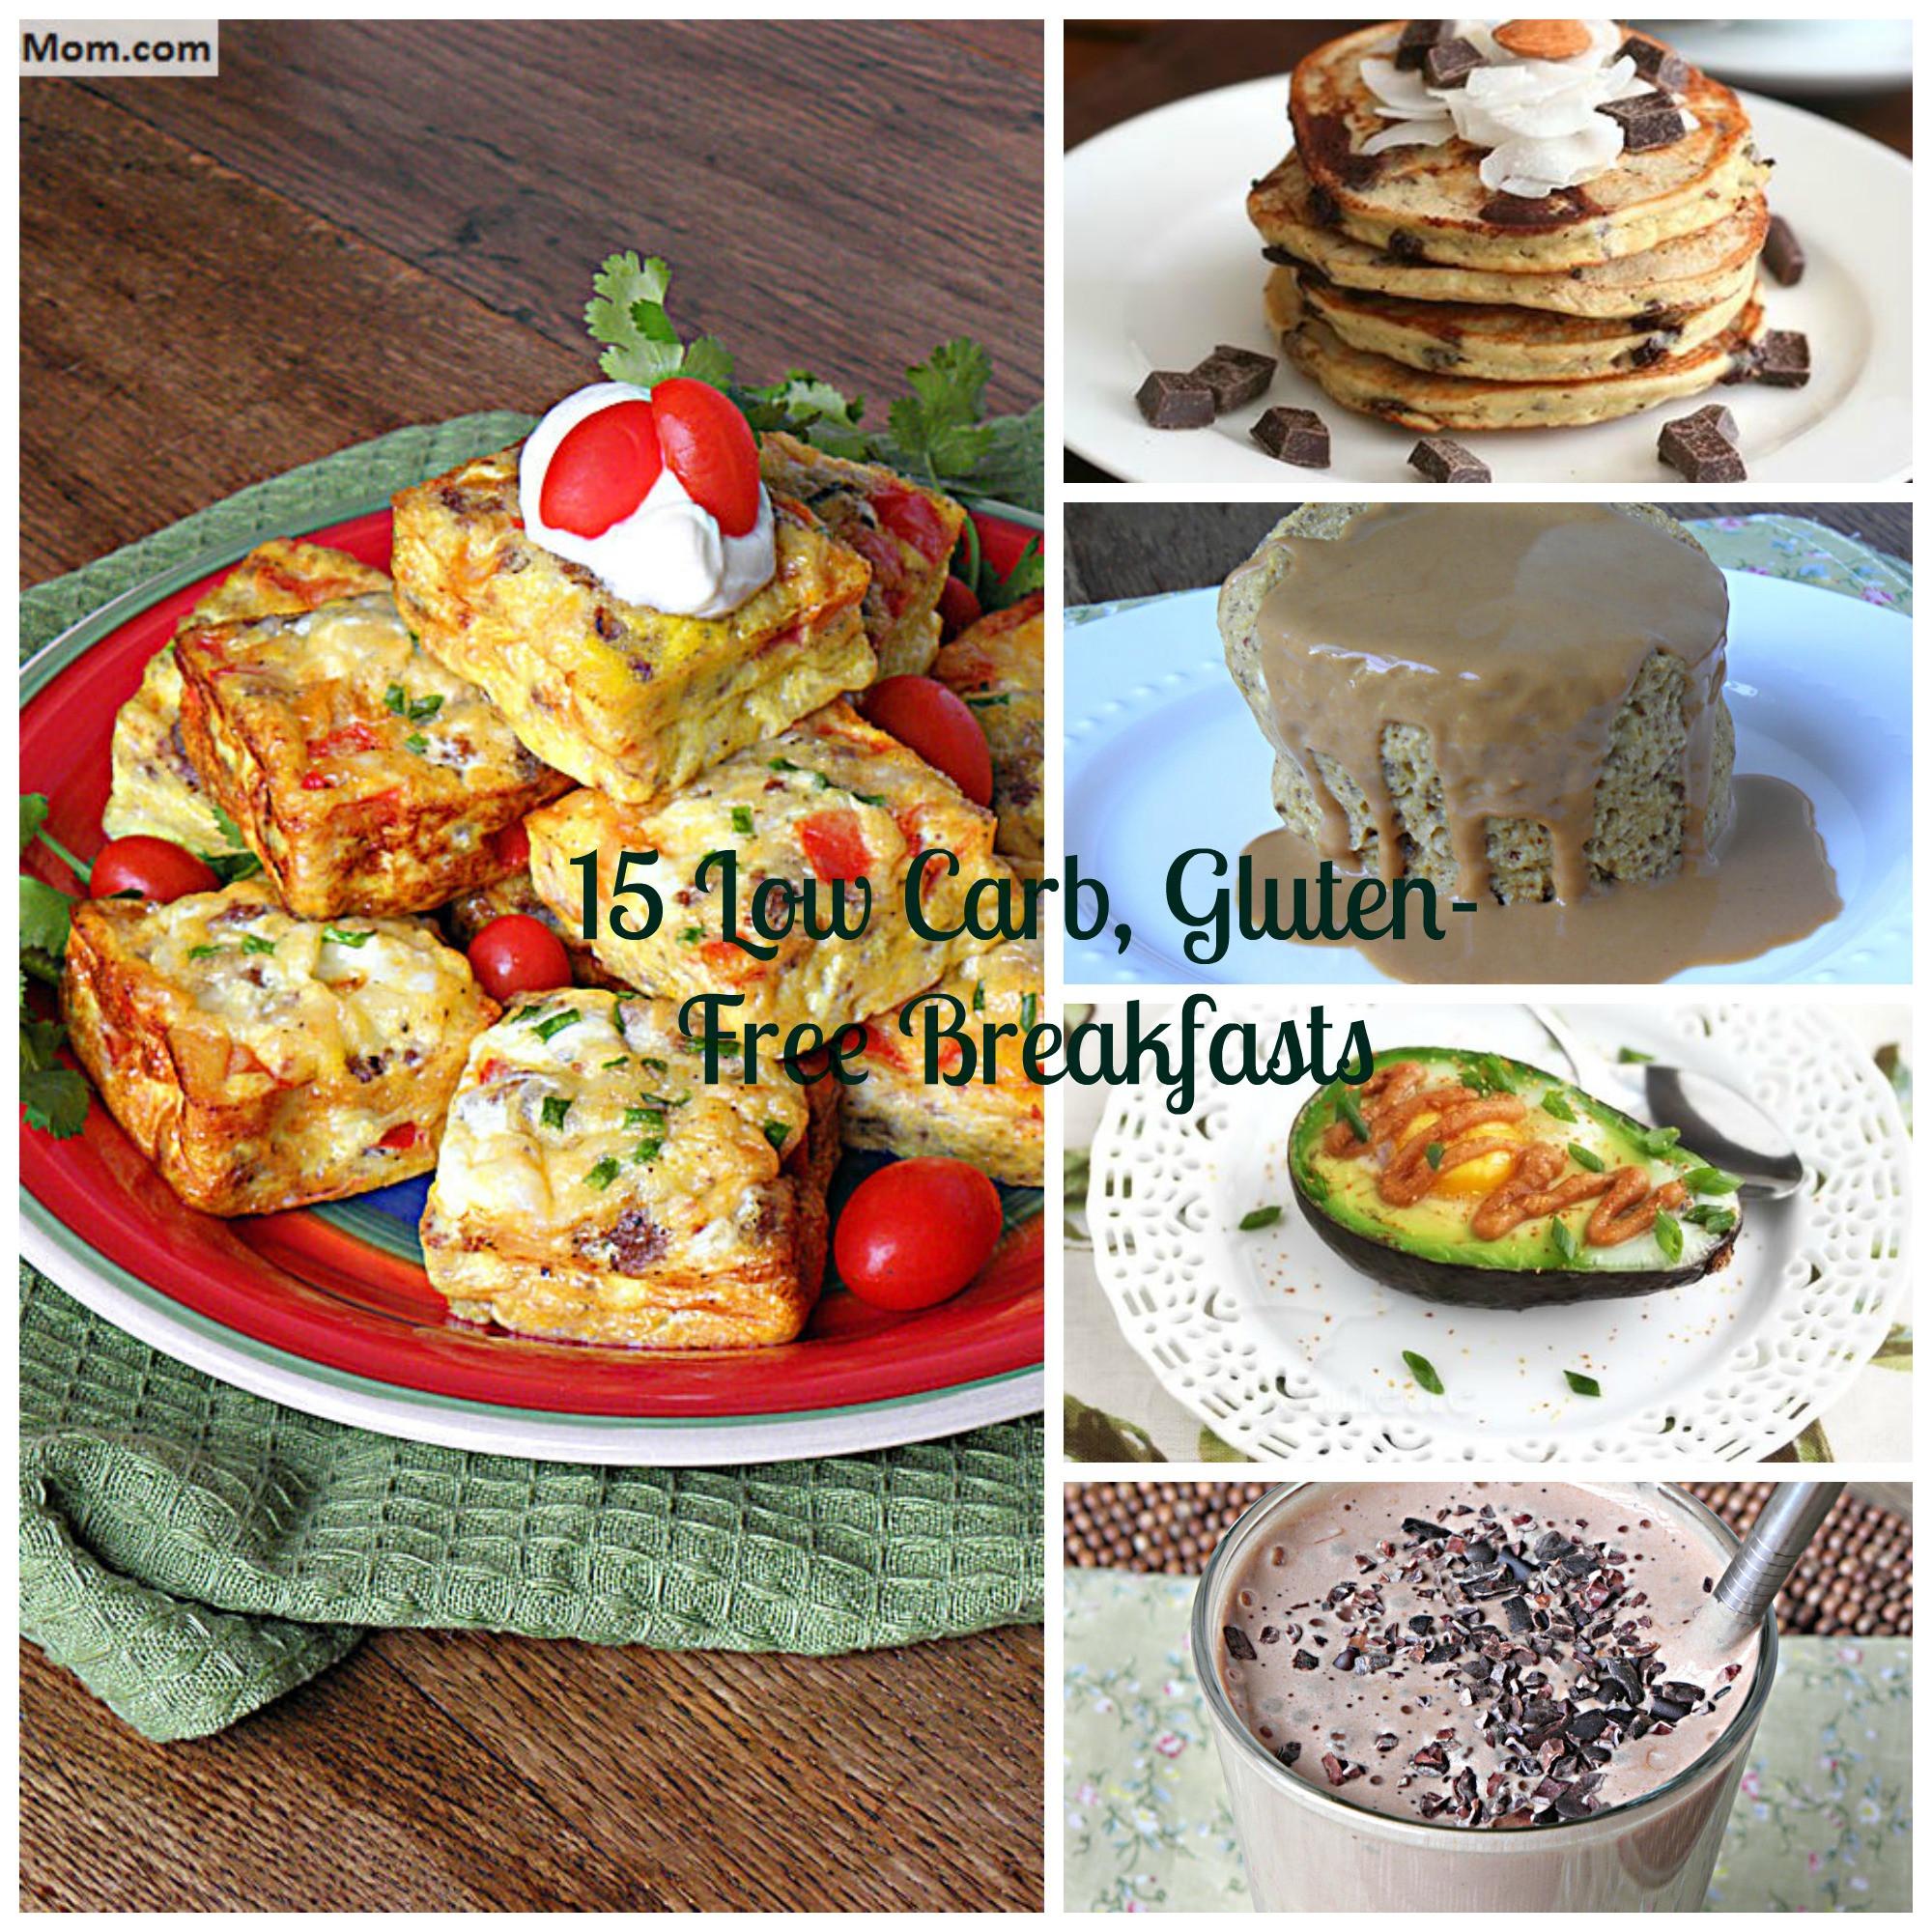 Diabetes Recipes Breakfast  15 Gluten Free Low Carb & Diabetic Friendly Breakfast Recipes